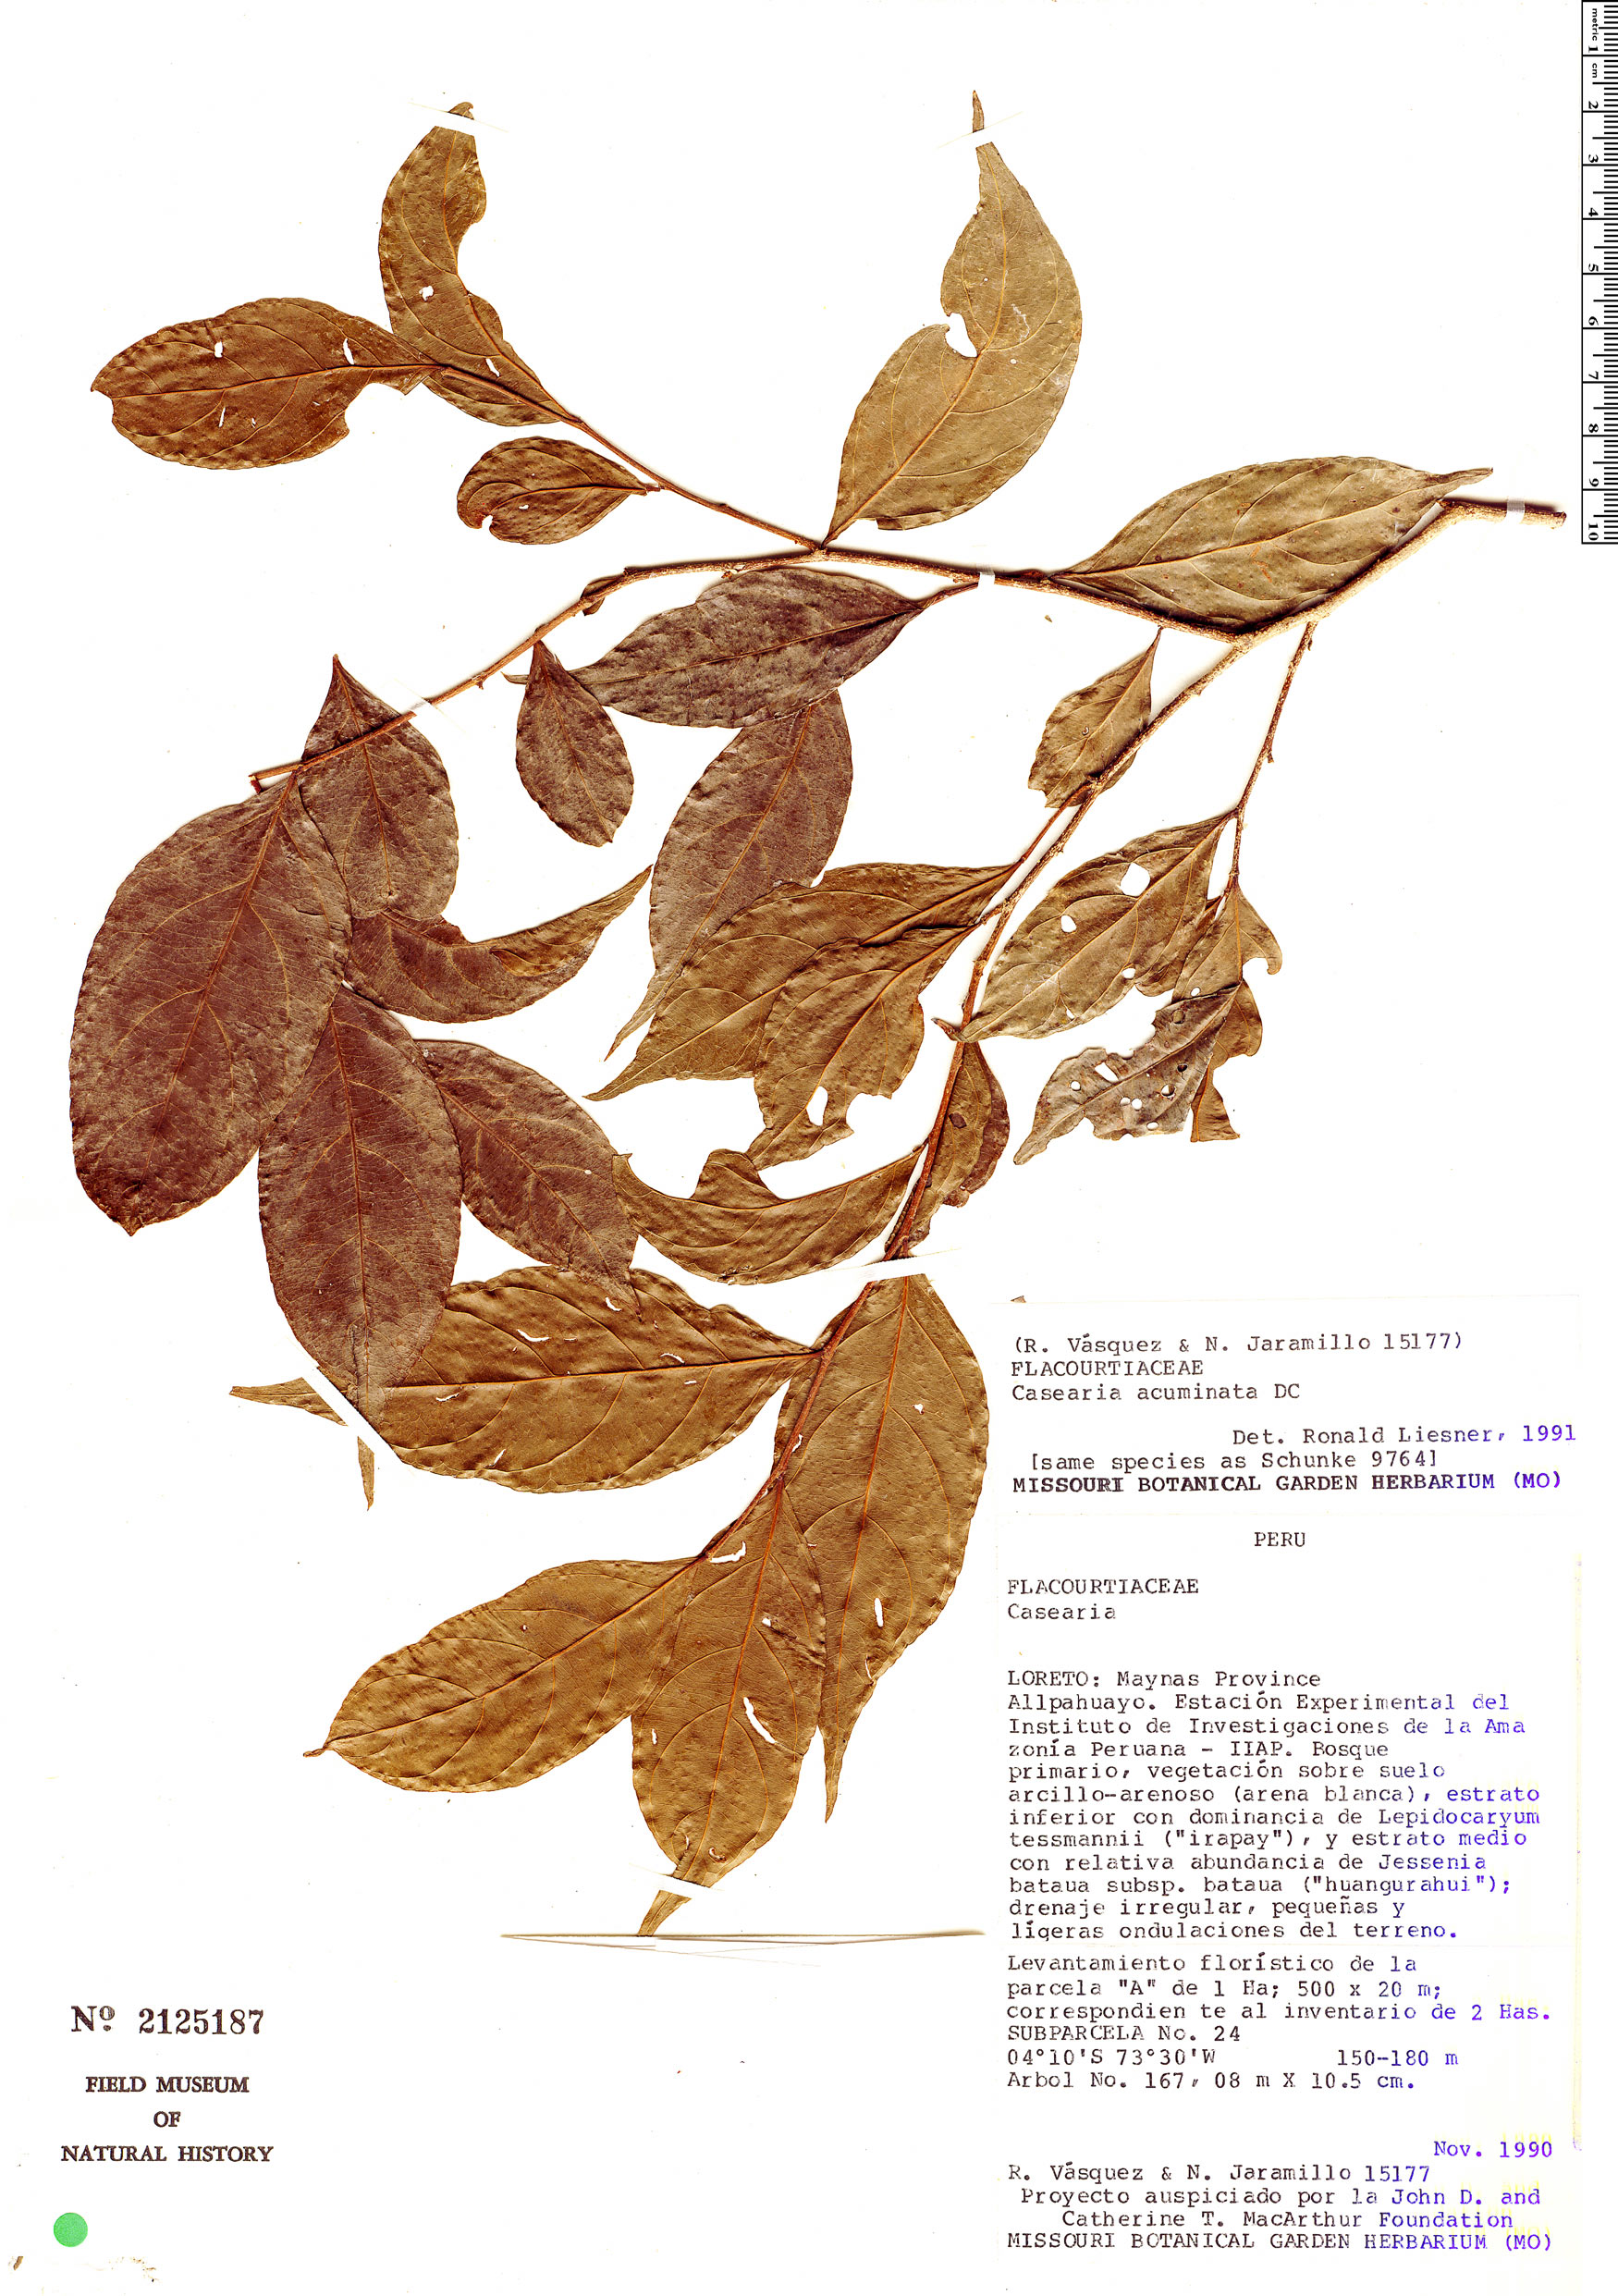 Specimen: Casearia acuminata